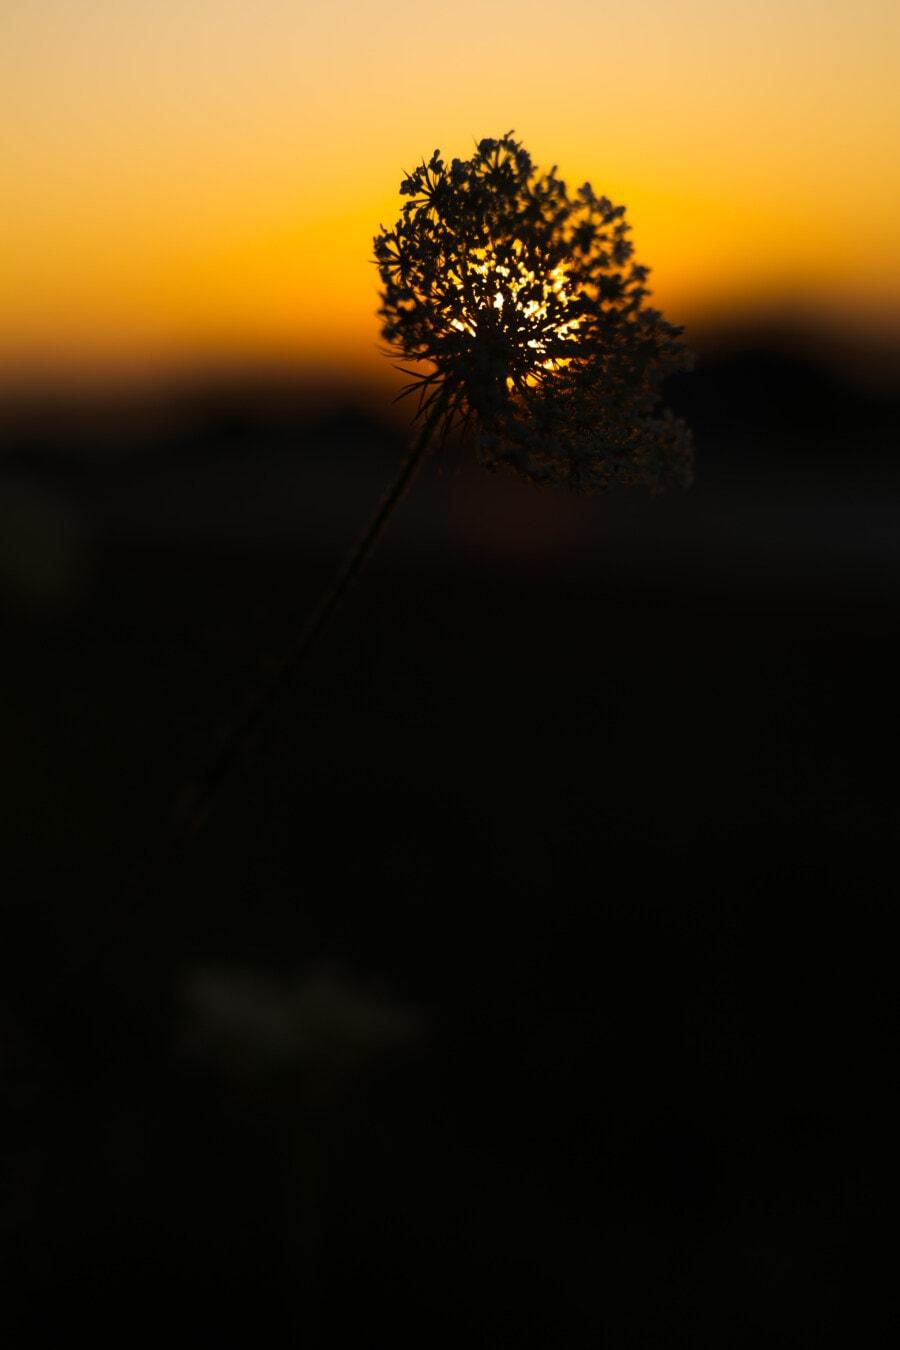 hinterleuchtet, Silhouette, Wildblumen, Orange gelb, Sonnenuntergang, Sonnenlicht, Blume, Natur, Sonne, Licht